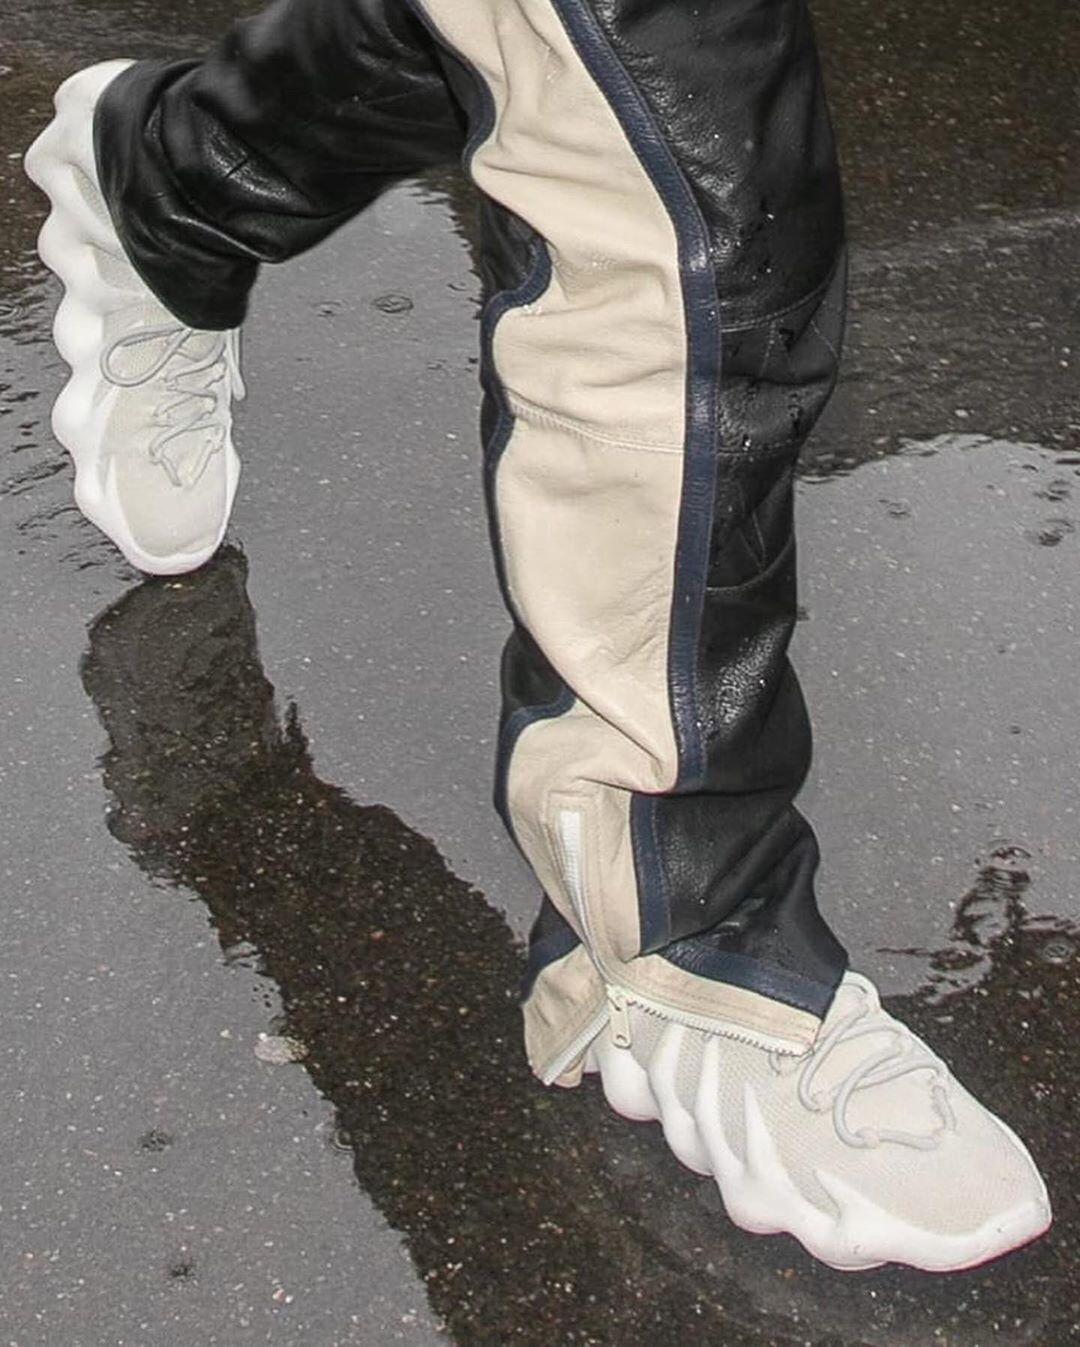 Kanye Yeezy 451 Kanyewest Yeezy Yeezy451 Yeezyseason8 Yeezy350 Yeezy700 Yeezy500 Yeezyboost Yeezyboost350v2 Sneaker In 2020 Kanye Yeezy Yeezy Yeezy 500